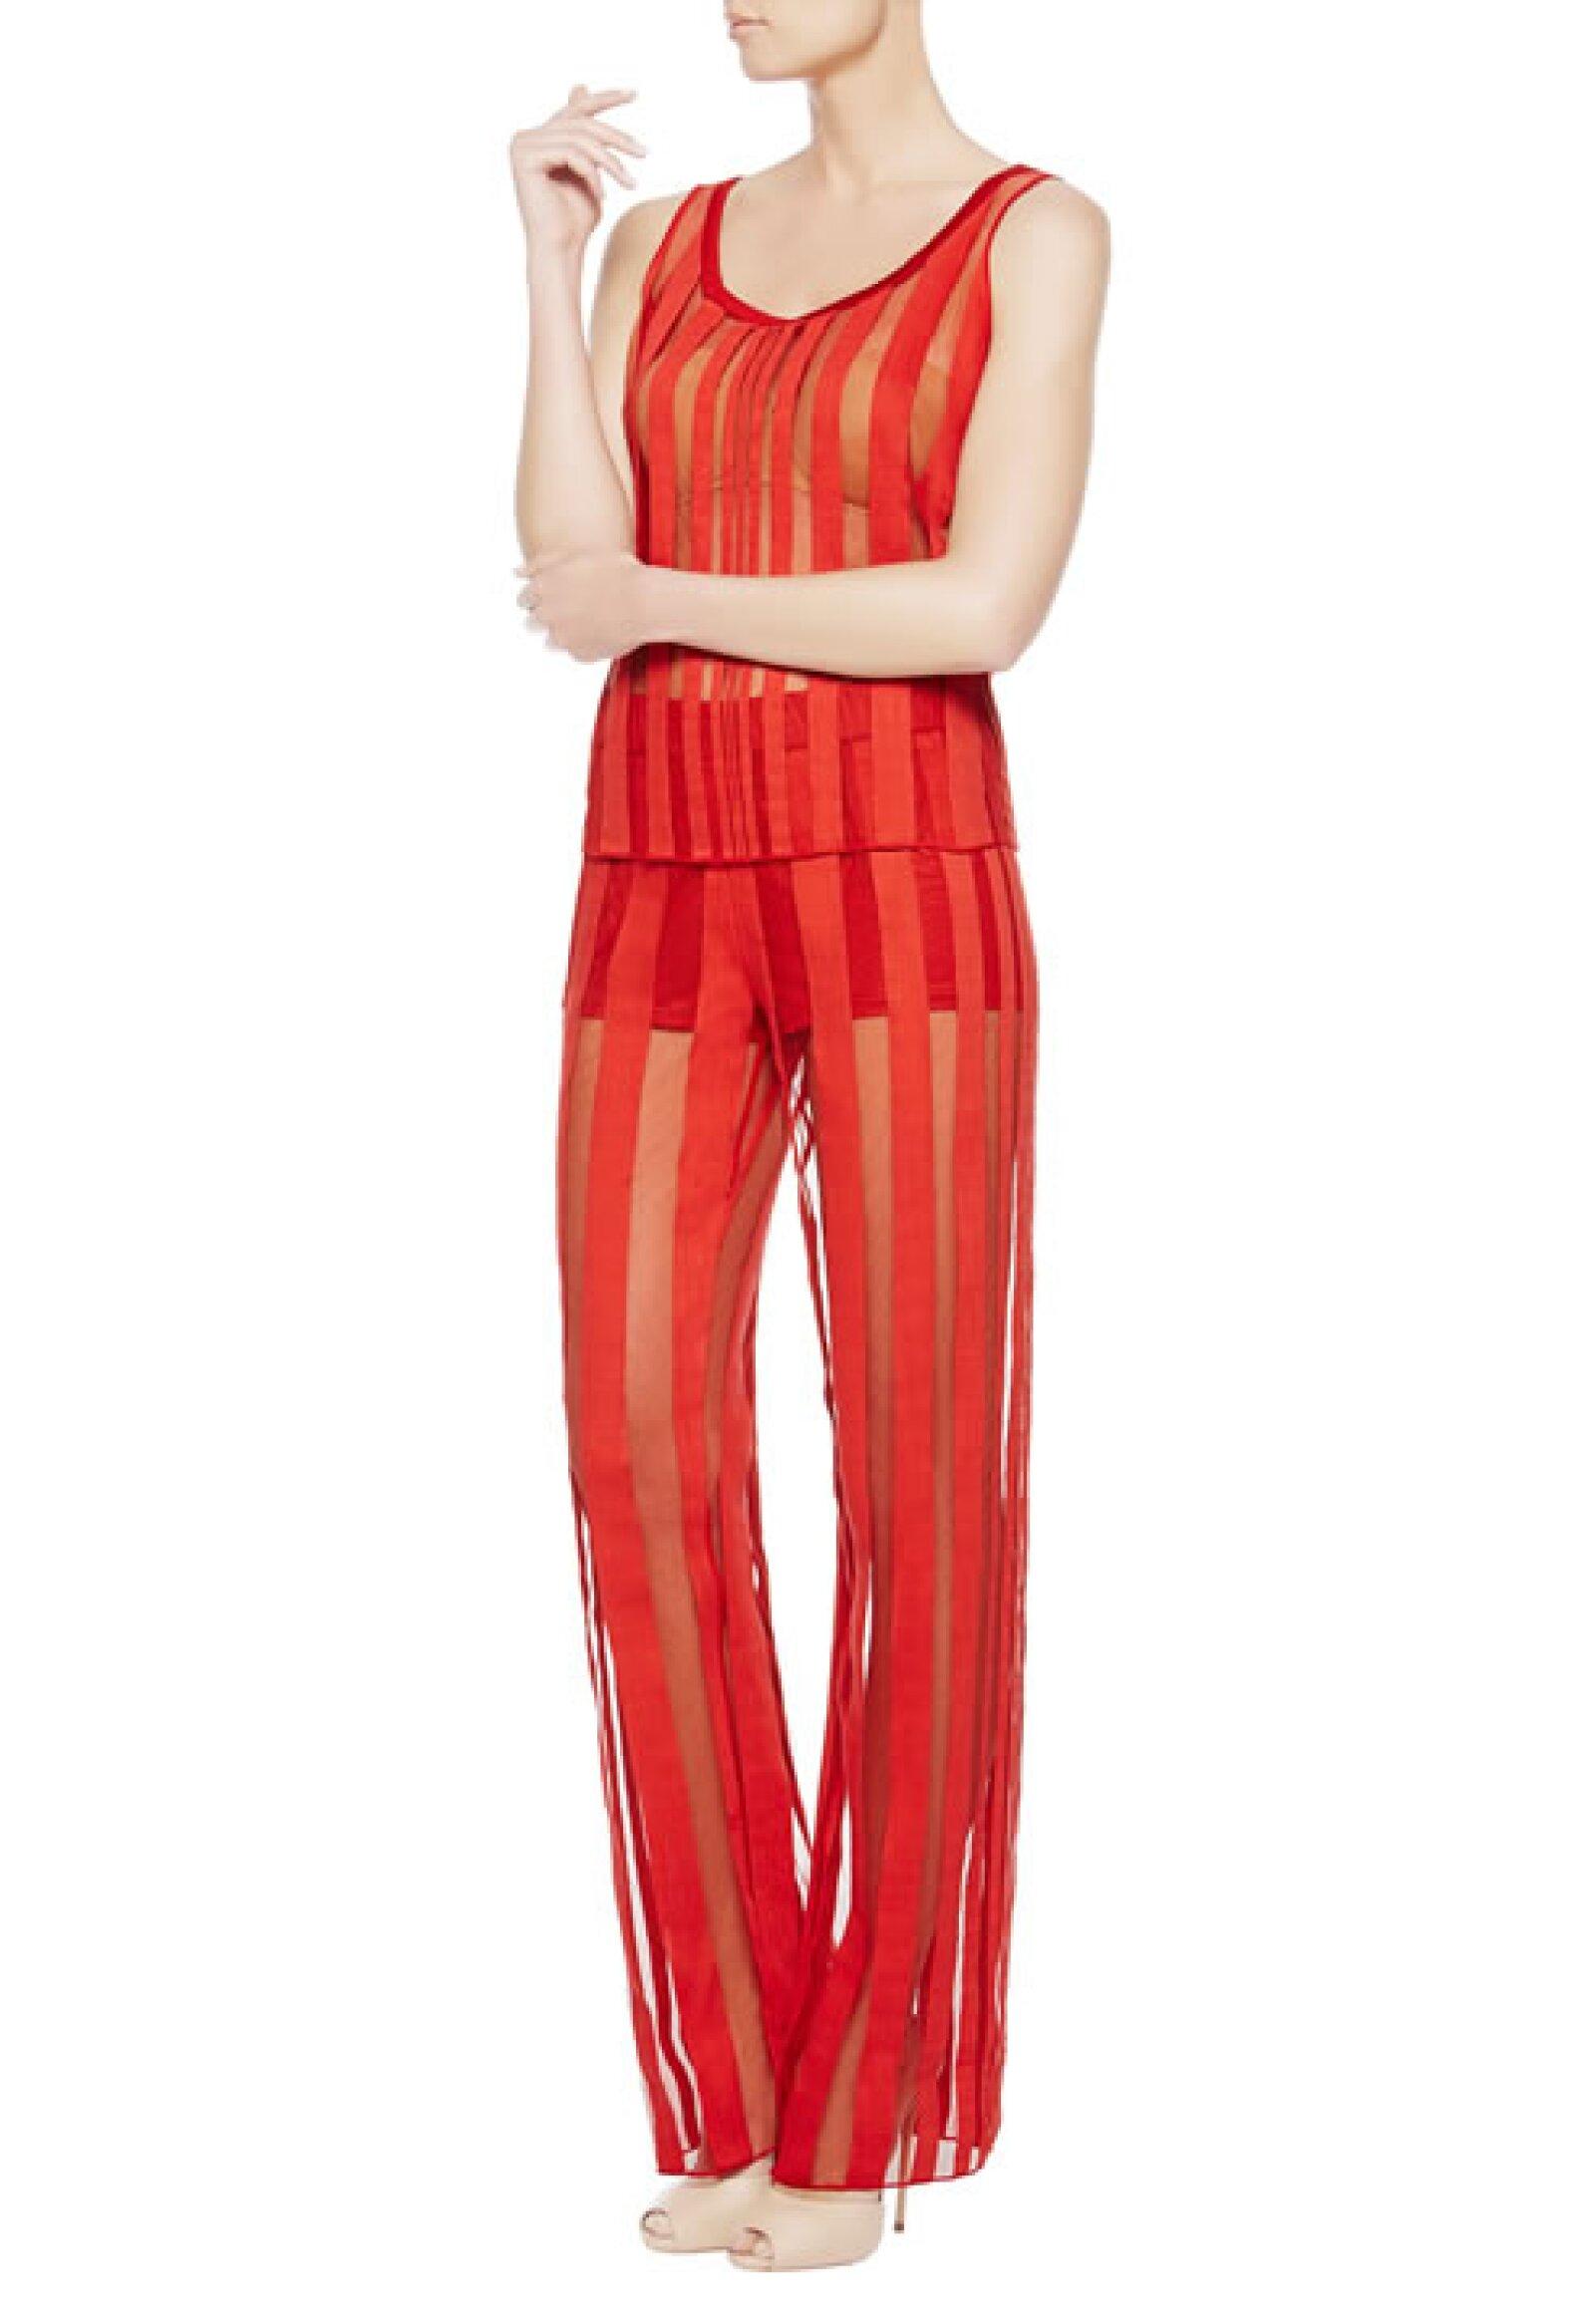 Pijama Cool Stripes en encaje Leavers. 2,367 pesos, precio aprox. en La Perla.